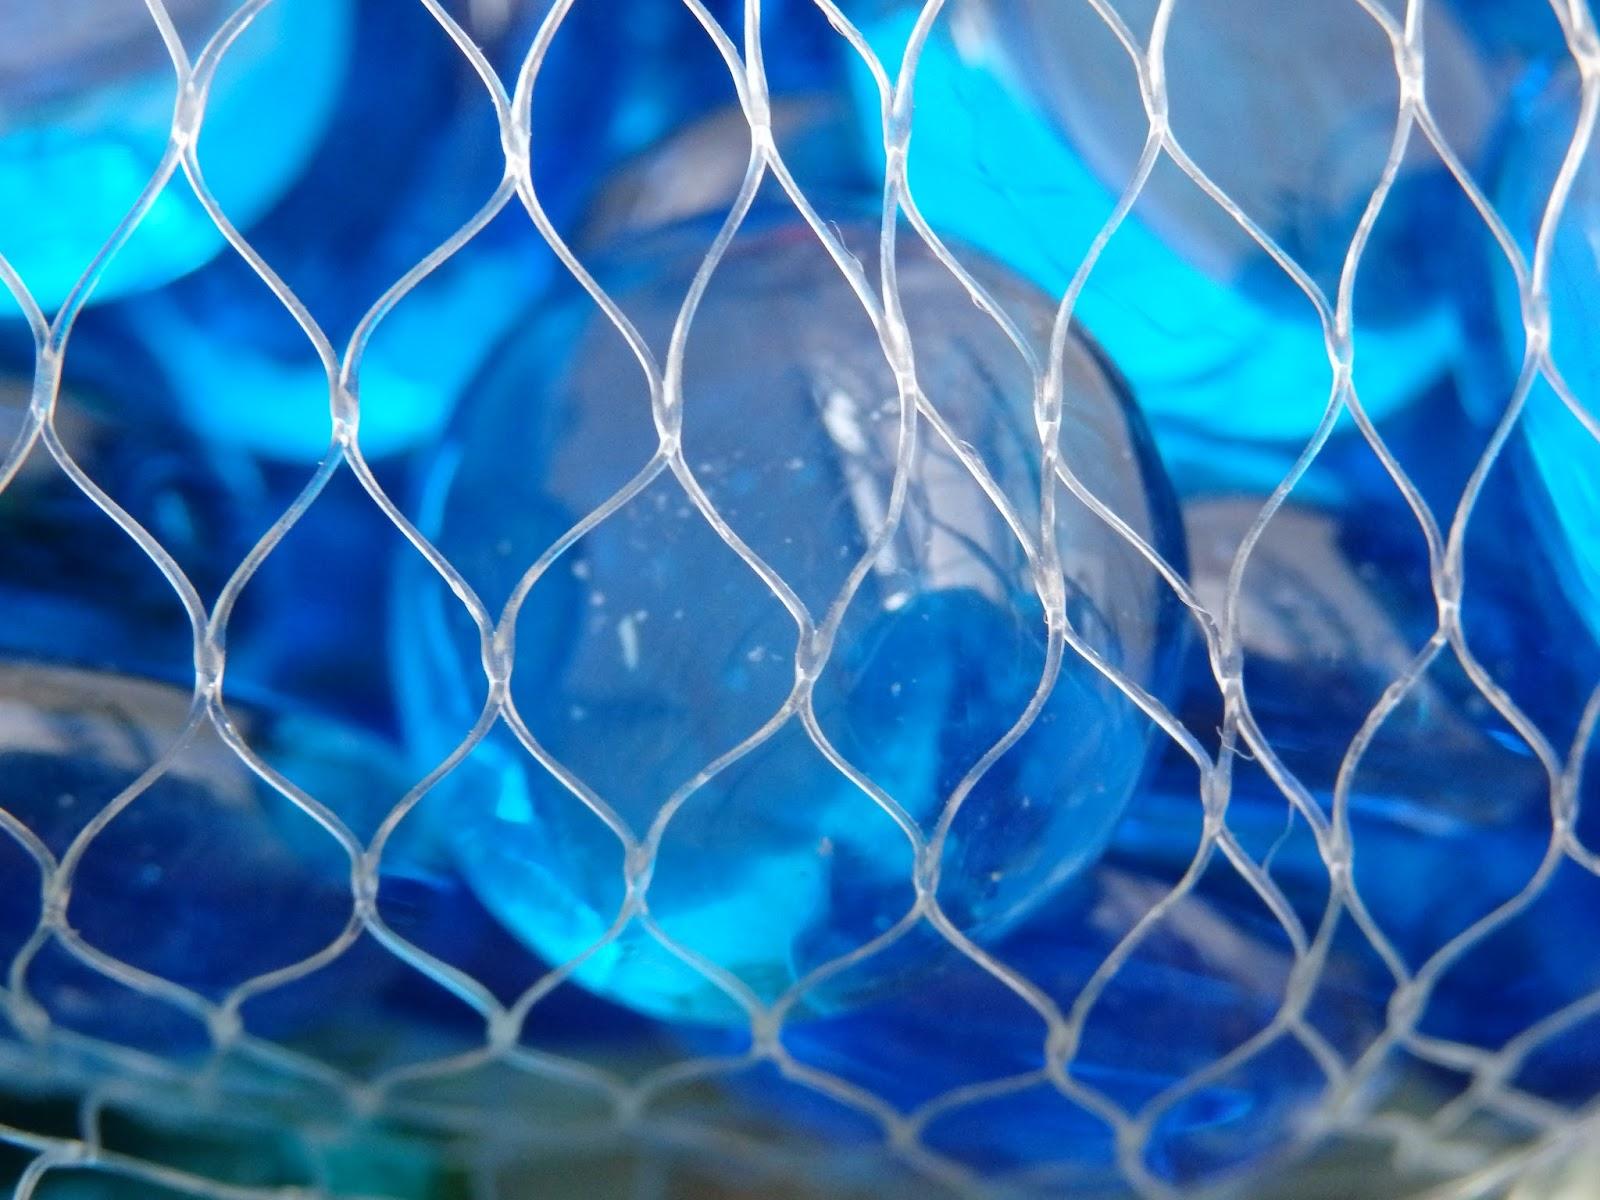 стекло, камни, синий